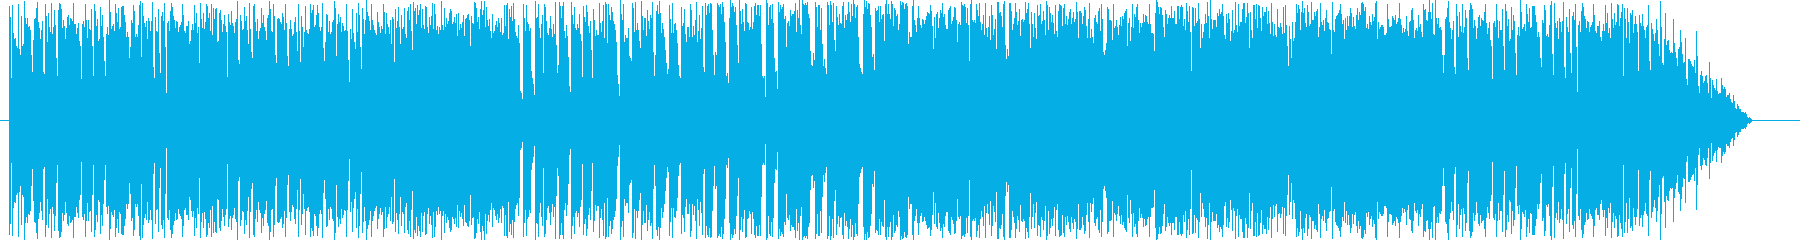 格闘ゲーム向けギターの激しい対戦BGMの再生済みの波形